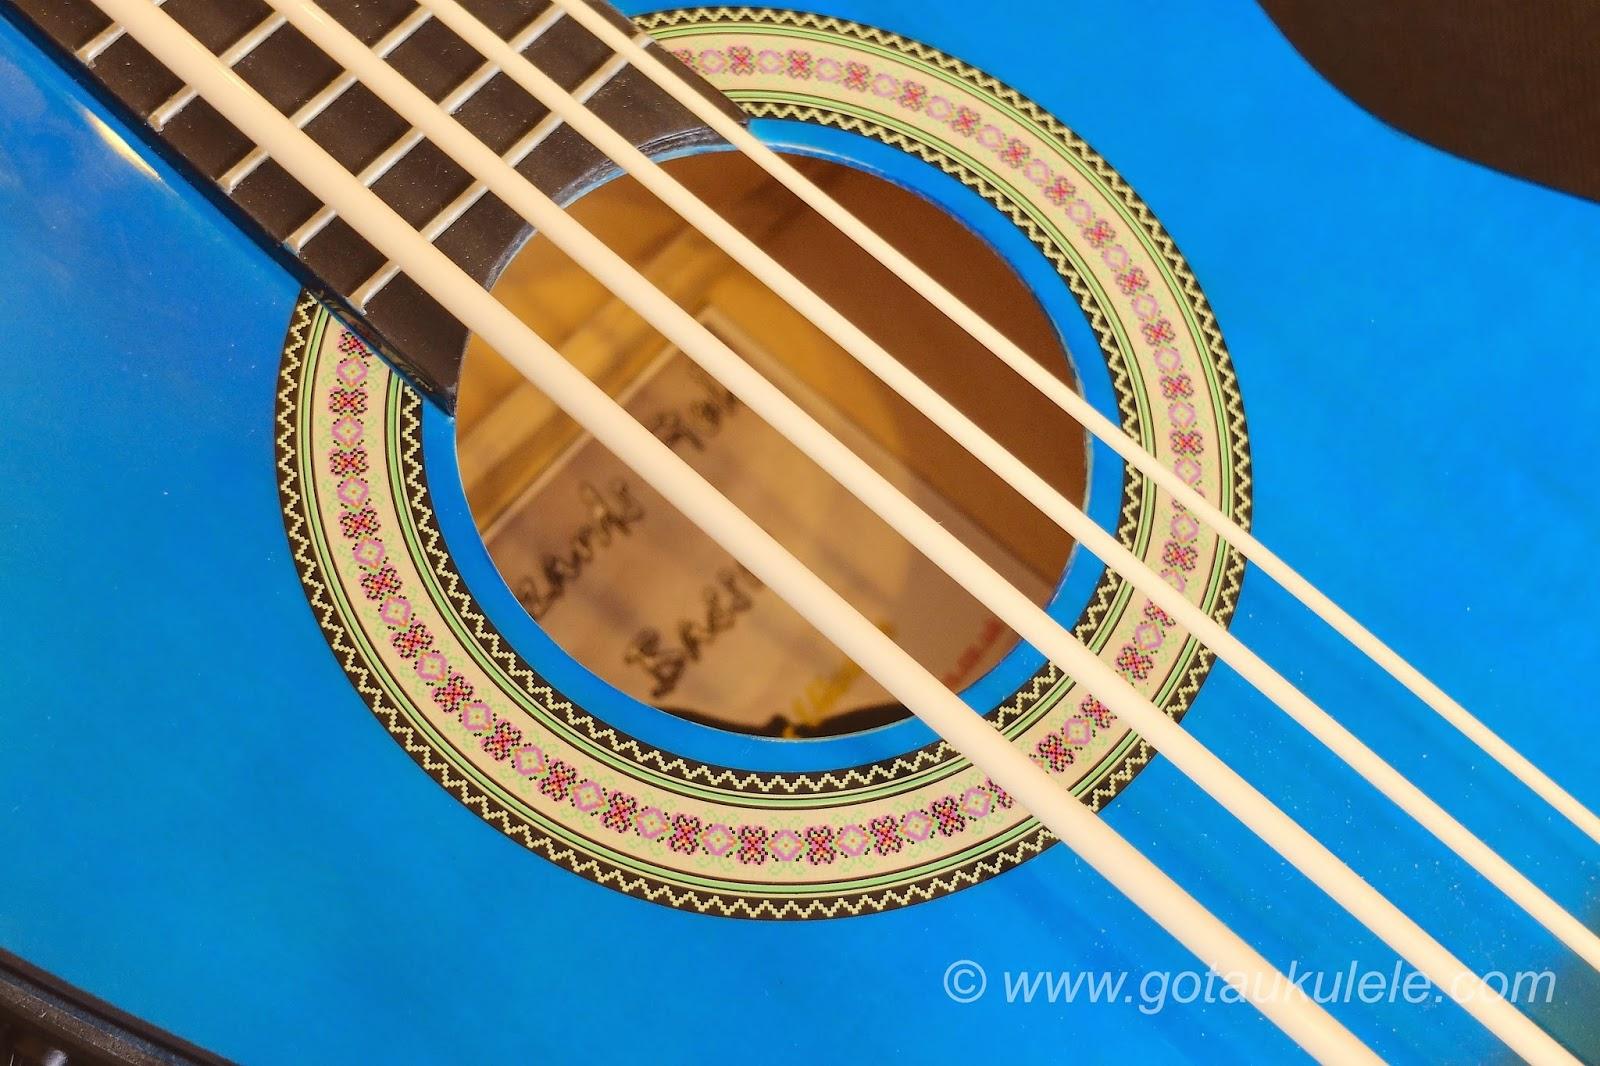 Buzzards Field Bass Afan Ukulele soundhole